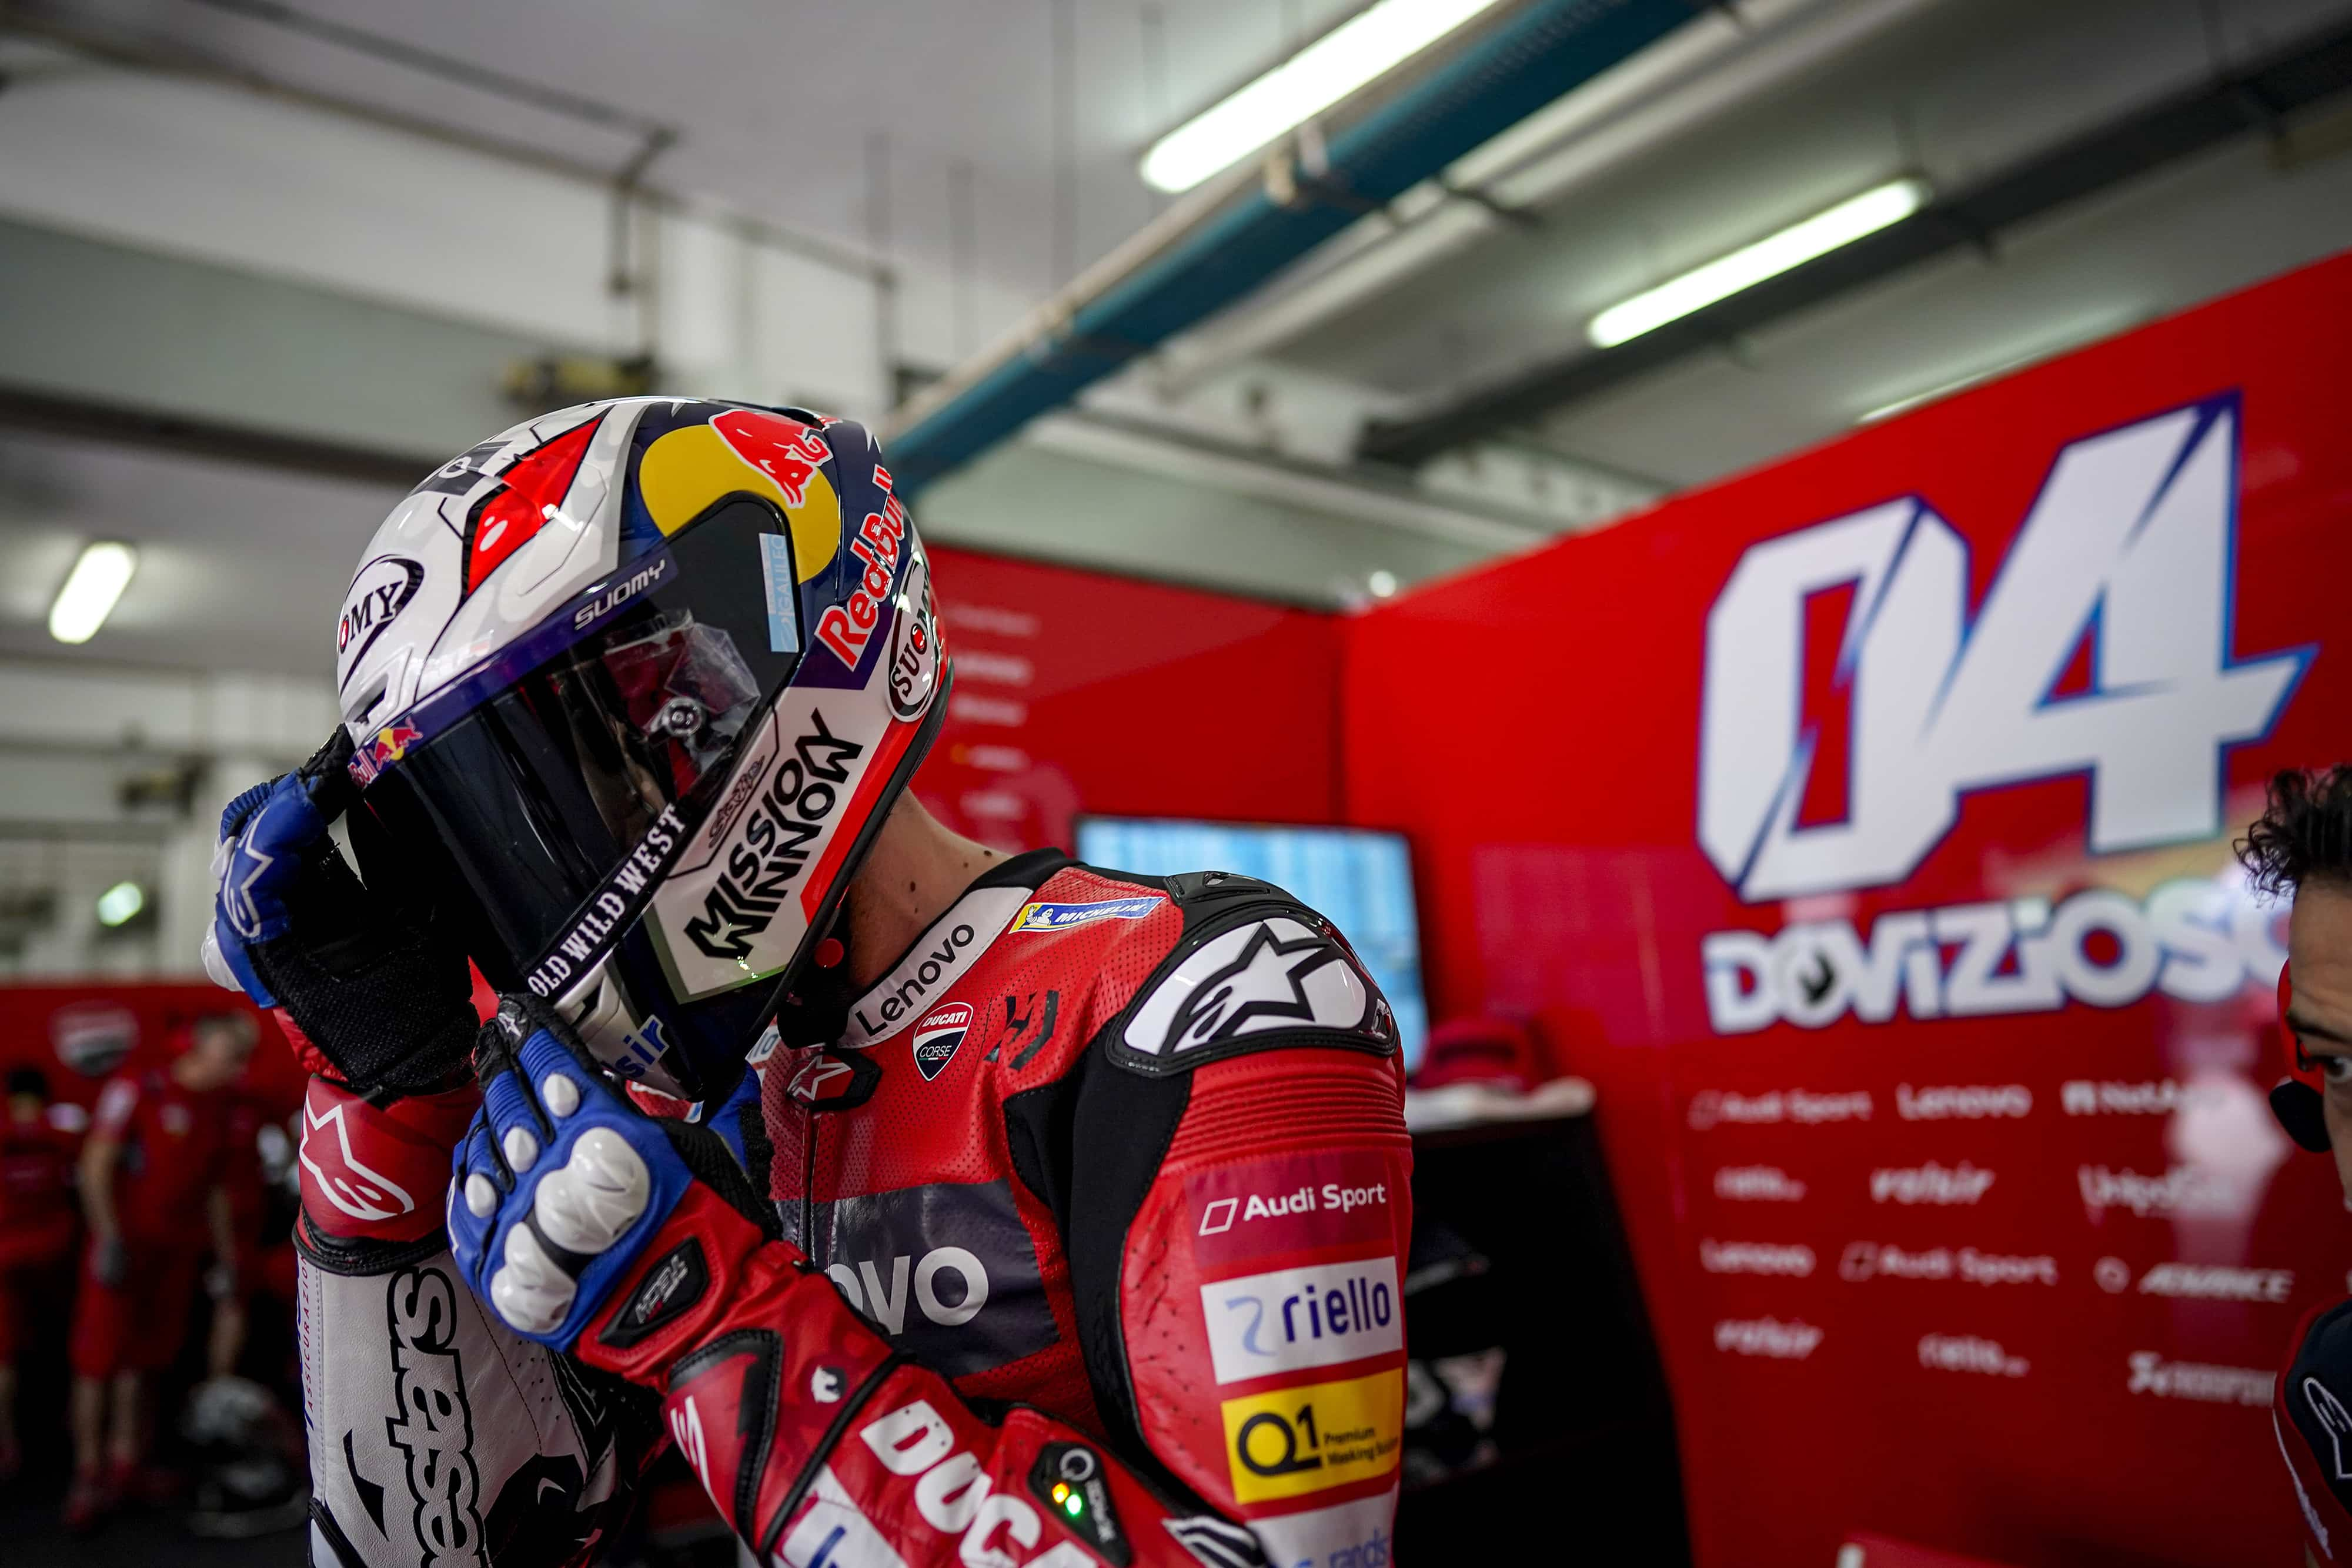 ドヴィツィオーゾ マネージャー シモーネ・バティステッラ「Ducatiはドヴィツィオーゾとの契約更新を望んでいる」